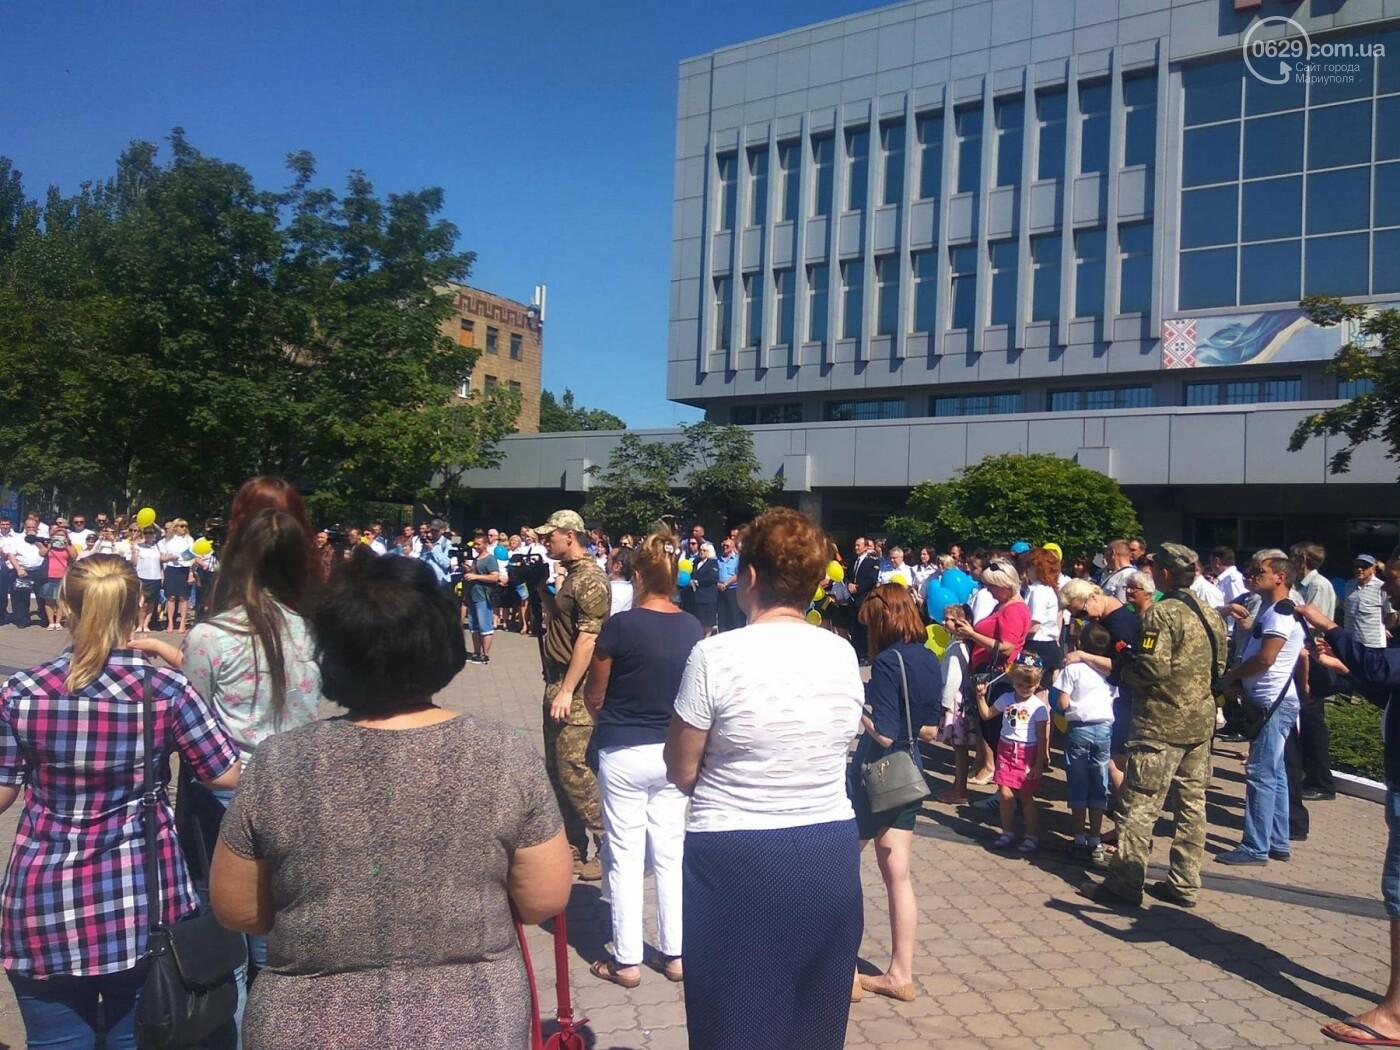 Из Мариуполя в Волноваху запустили пригородные электрички, - ФОТО, ВИДЕО, фото-6